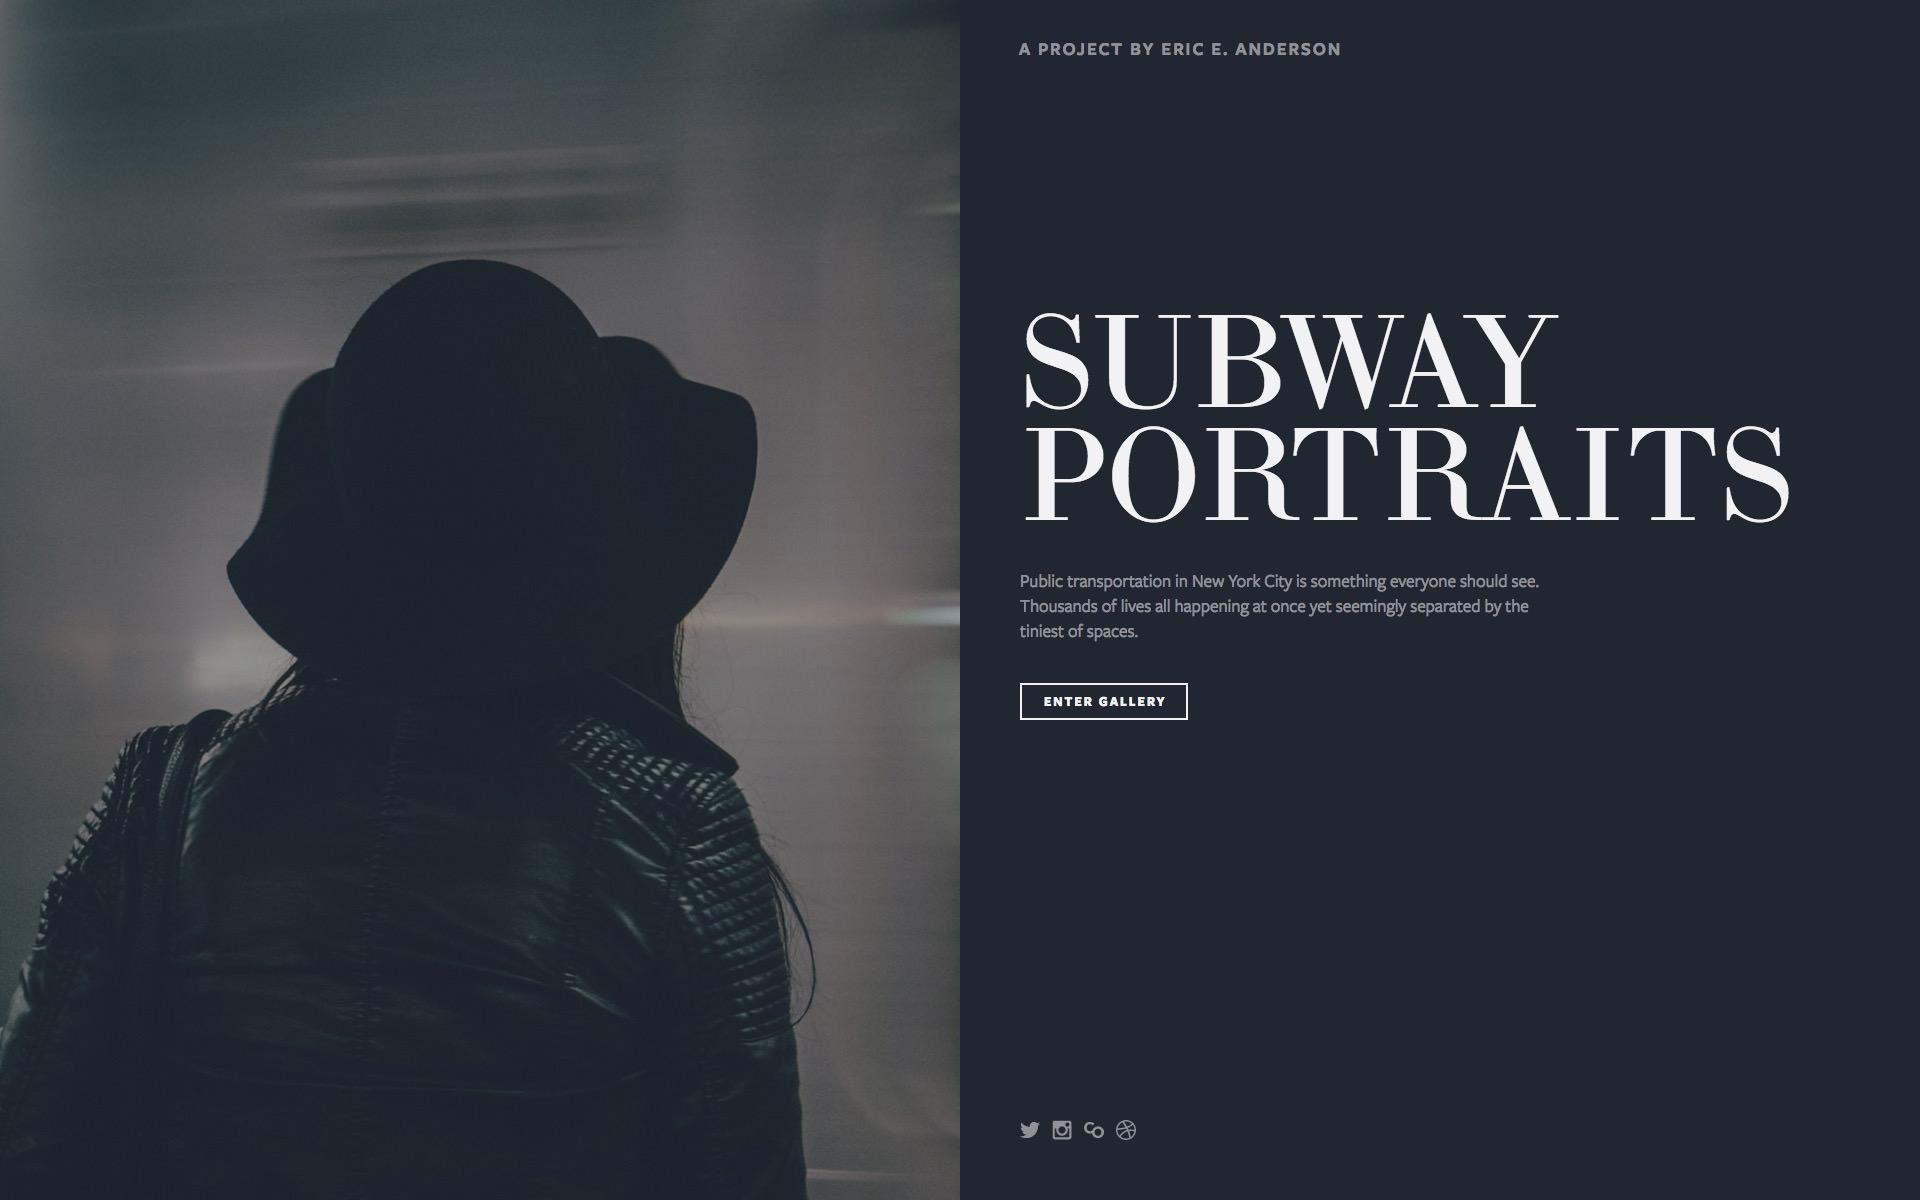 esquareda.com/project-subway-portraits